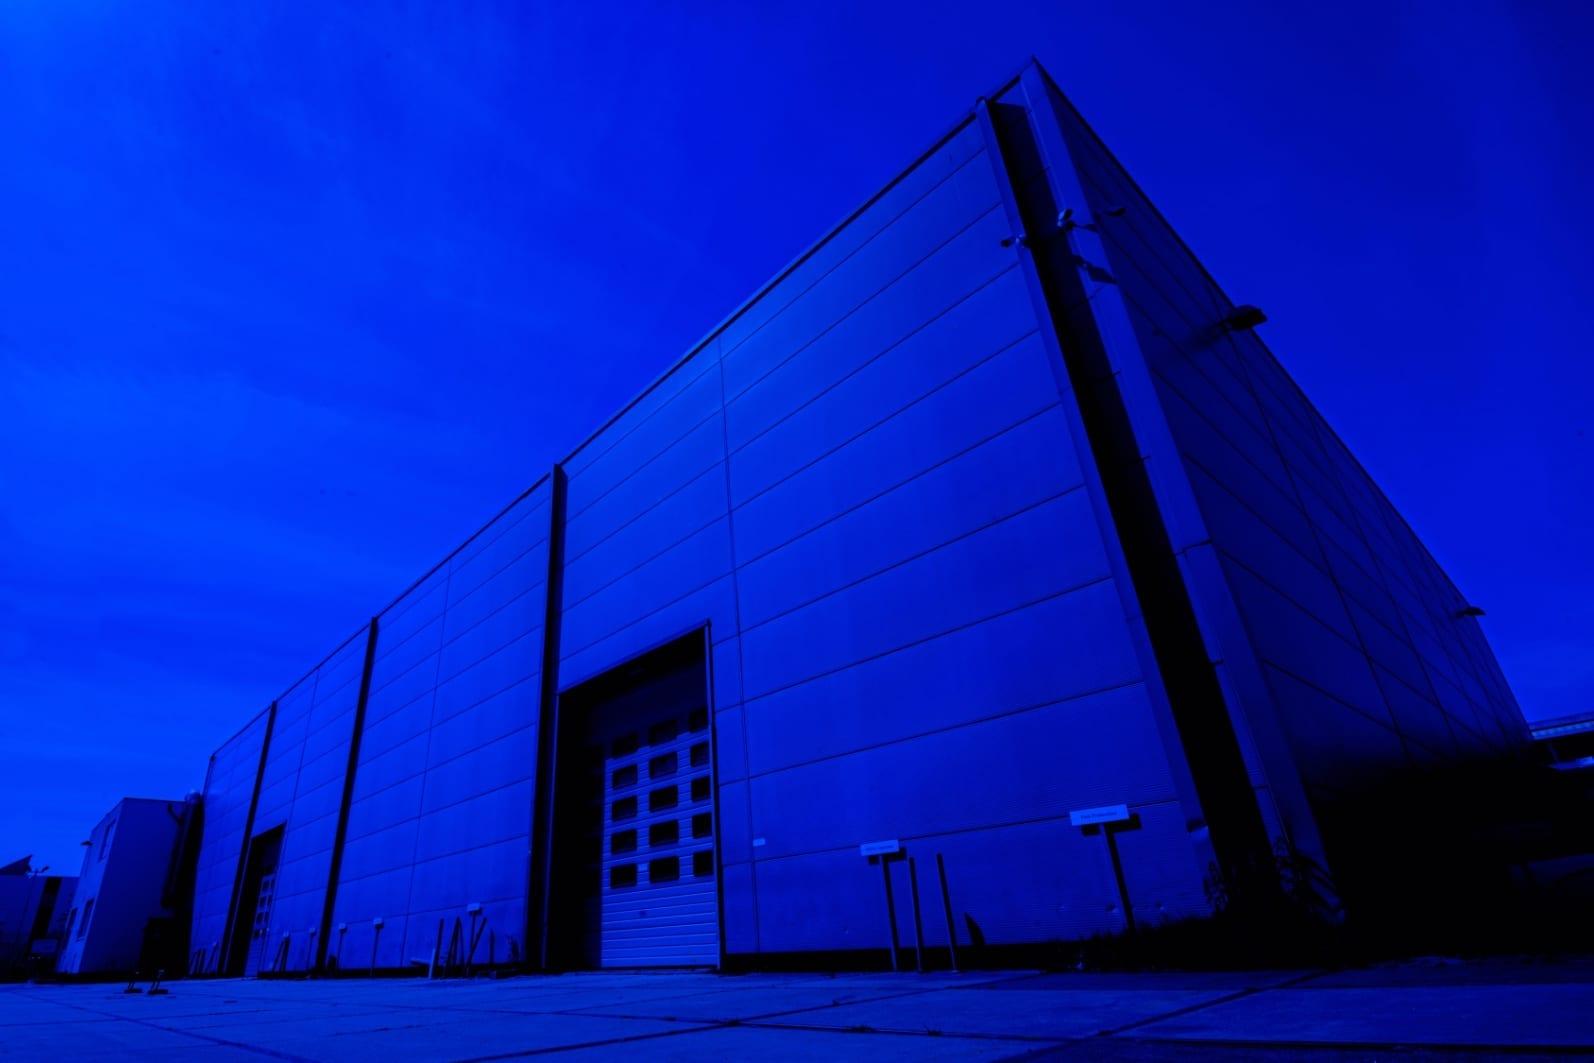 ВНидерландах откроется первый музей мультимедийного искусства